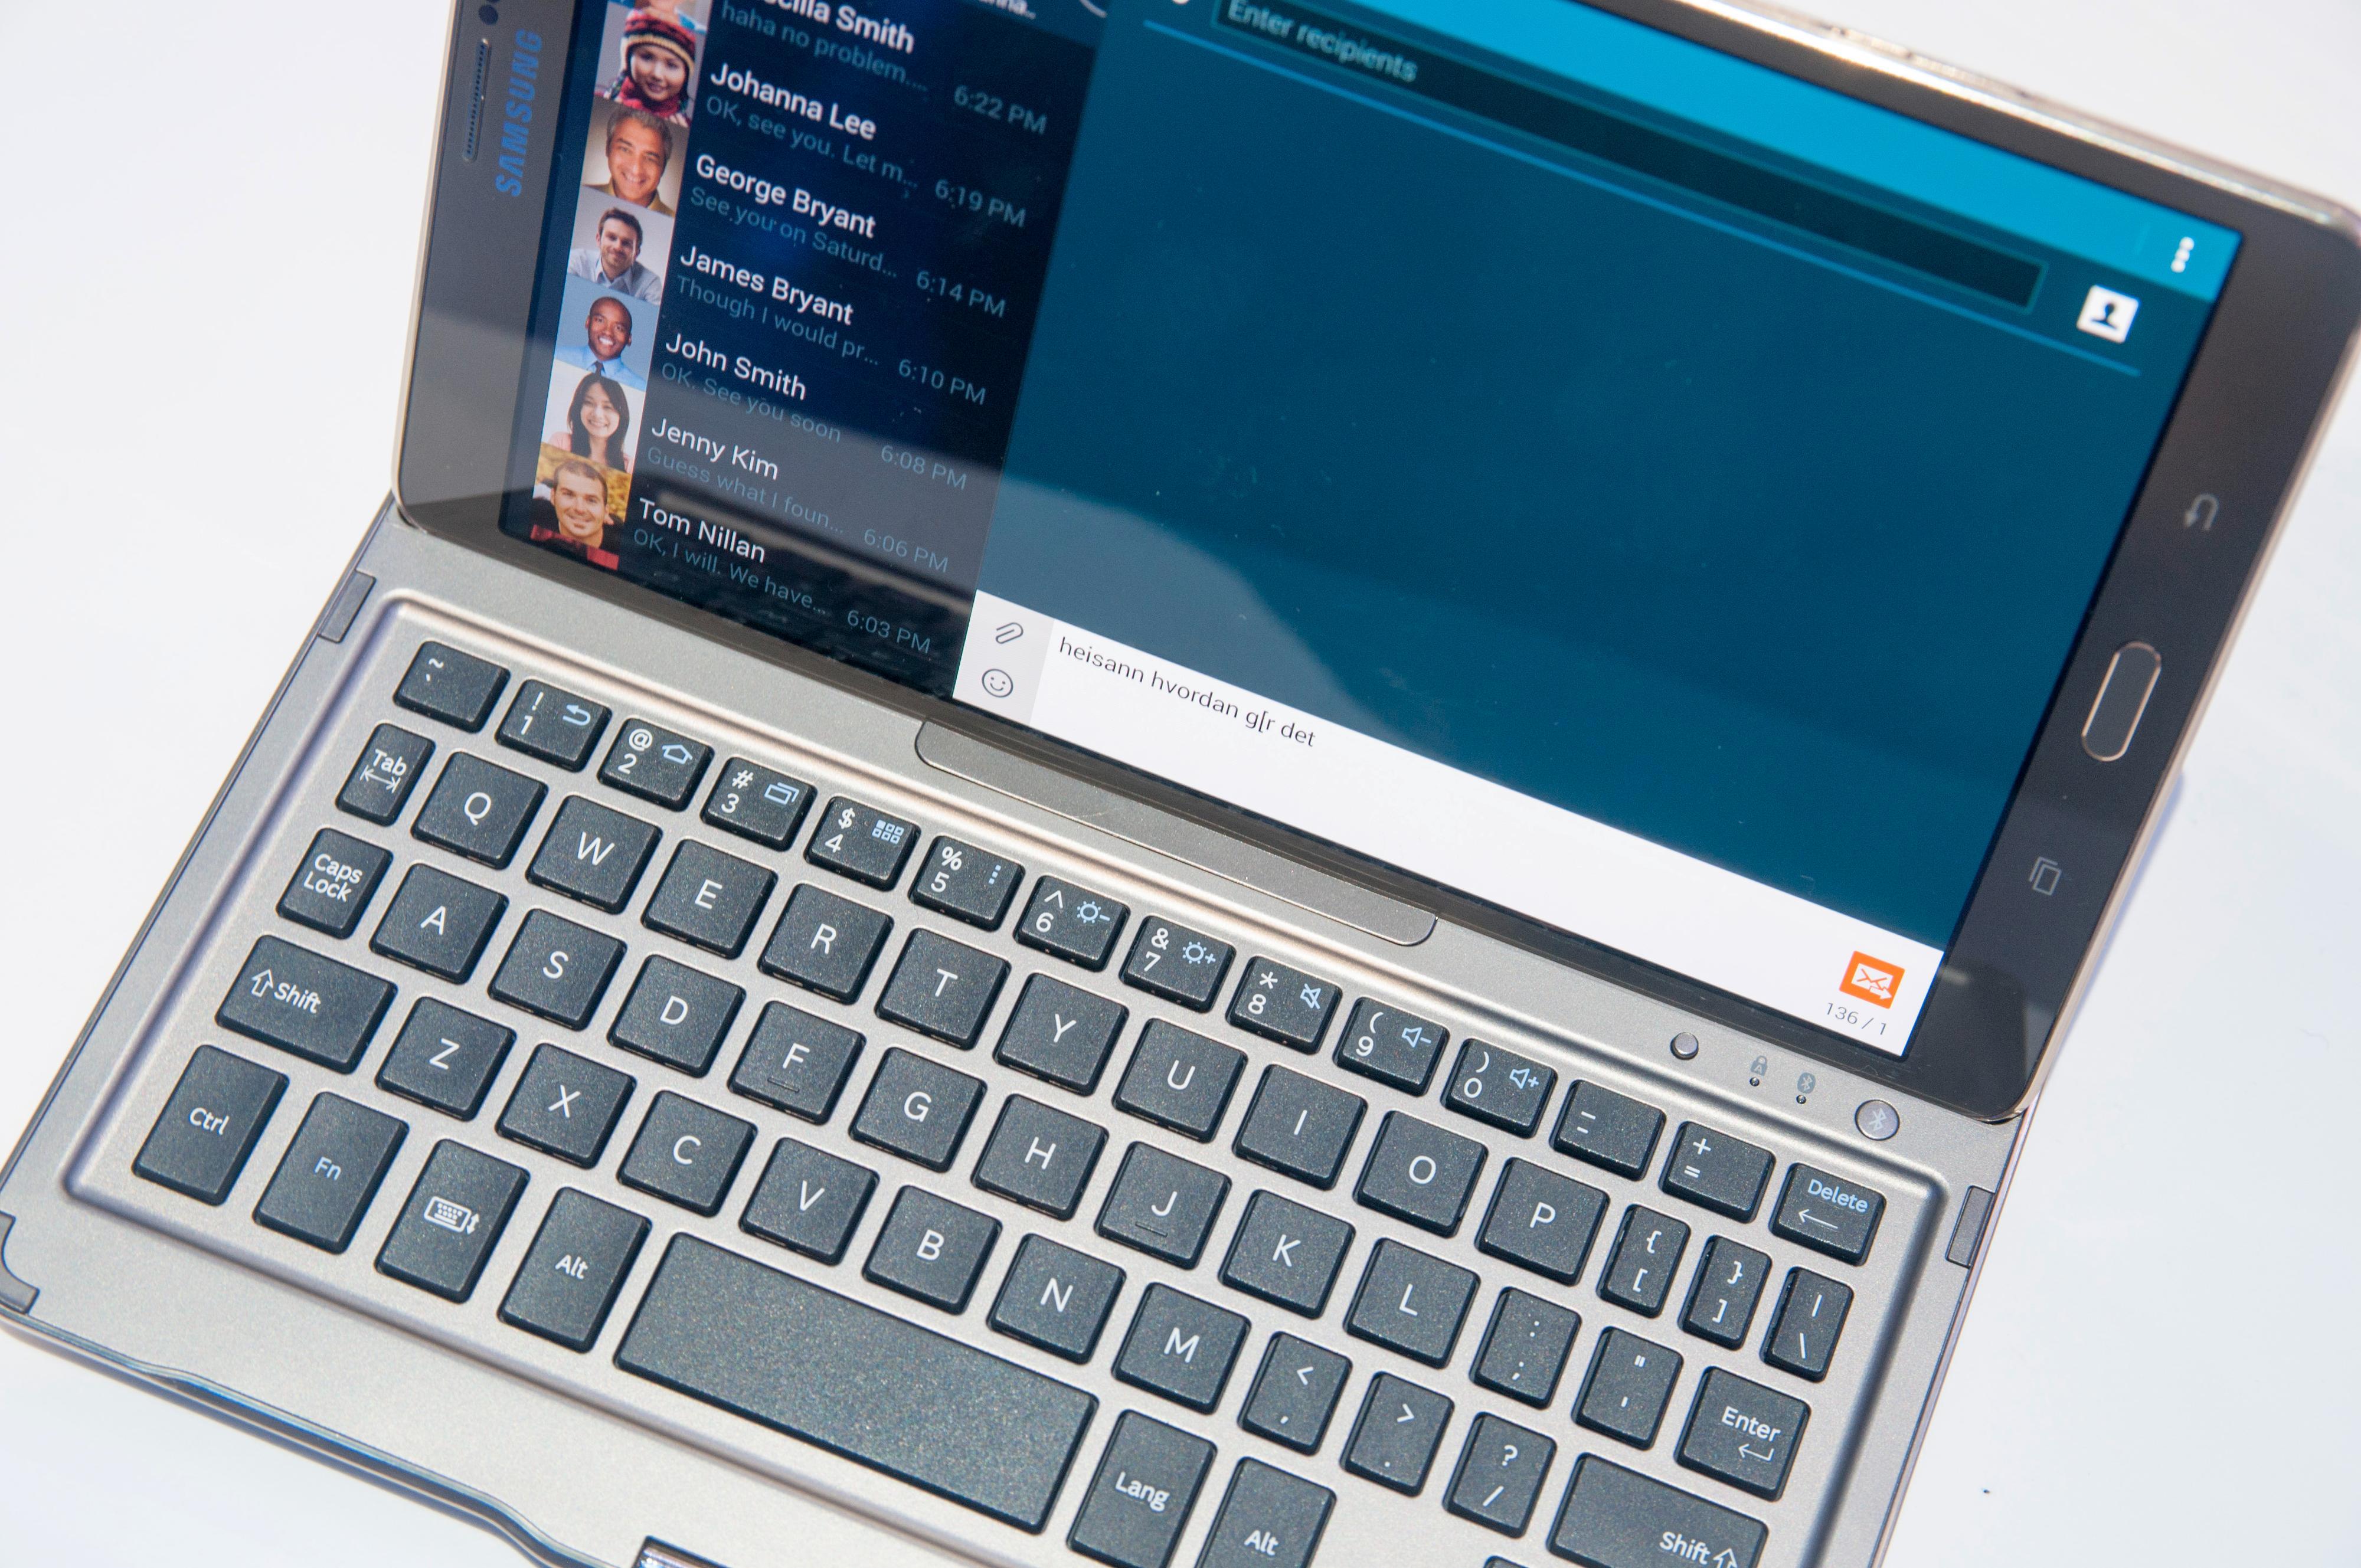 Det kan hende tastaturet til Galaxy Tab S 8.4 blir litt lite for noen, men avstanden mellom tastene er ganske god. Det gjenstår å se hvor bra det fungerer for lengre tekster enn denne.Foto: Finn Jarle Kvalheim, Amobil.no